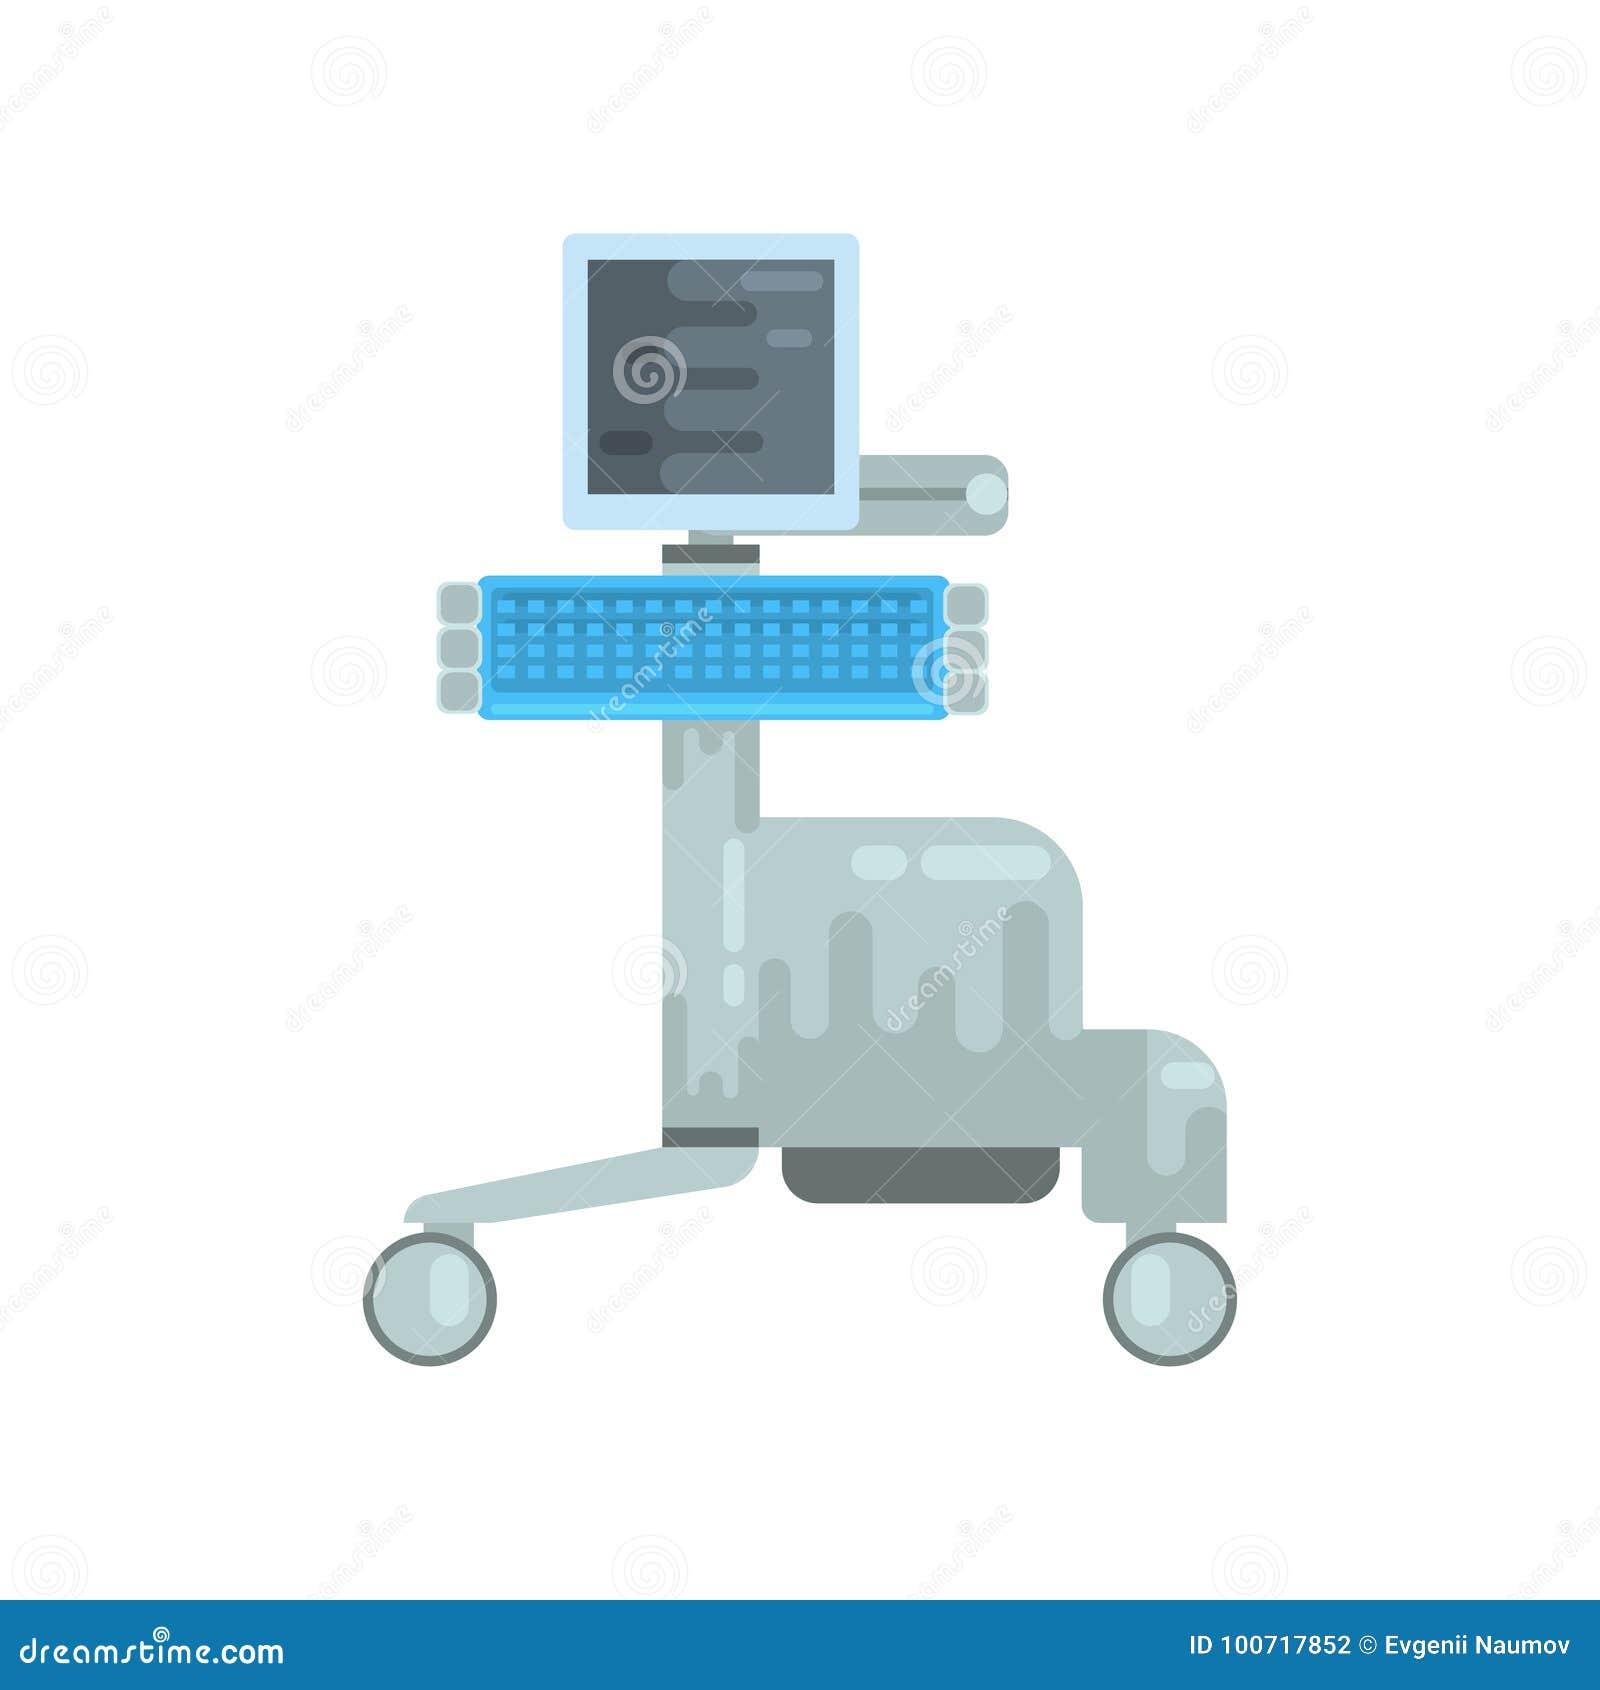 Ultrasone klank kenmerkende machine, medische apparatuur vectorillustratie